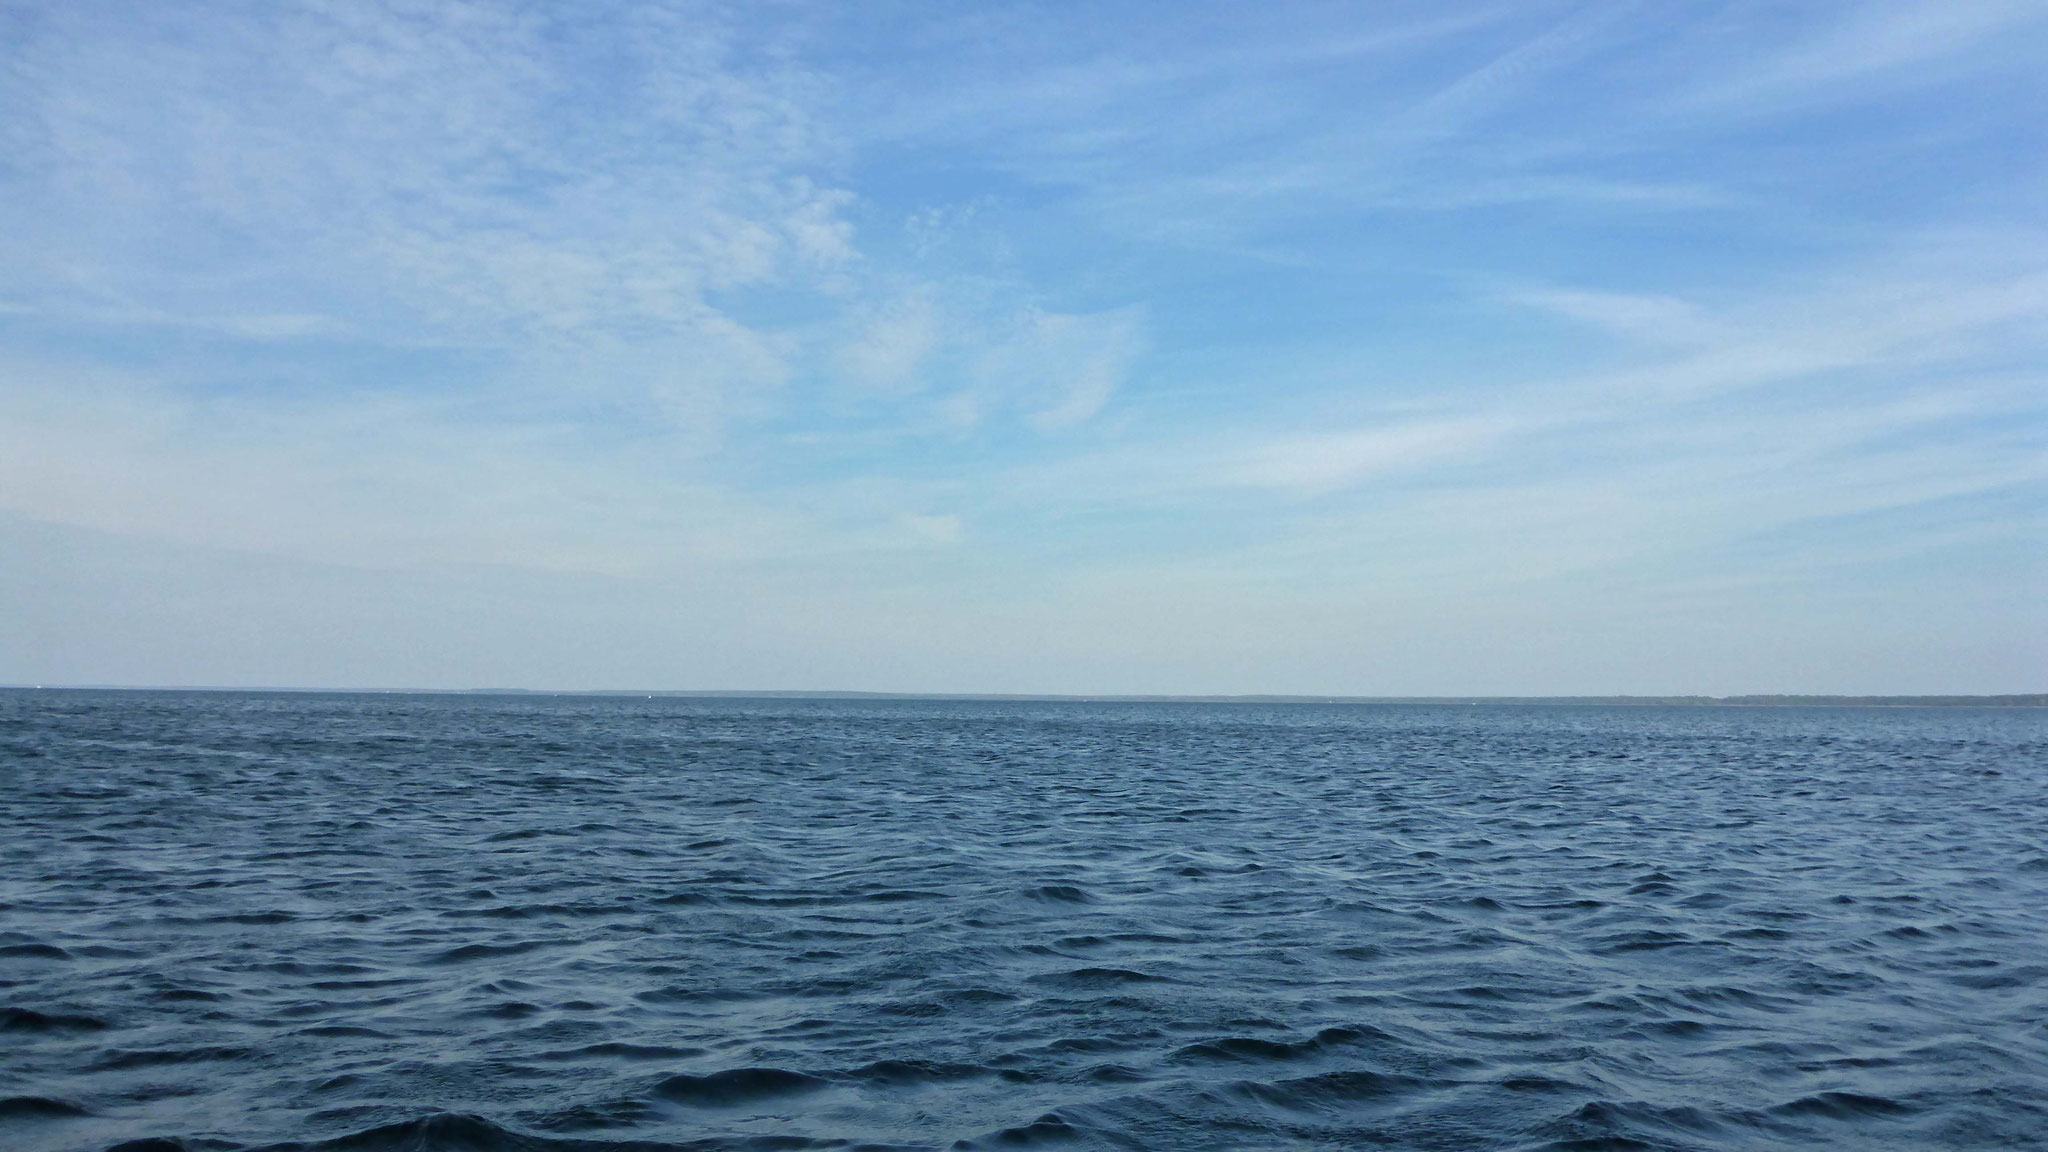 Weiter Blick aufs kleine Meer.